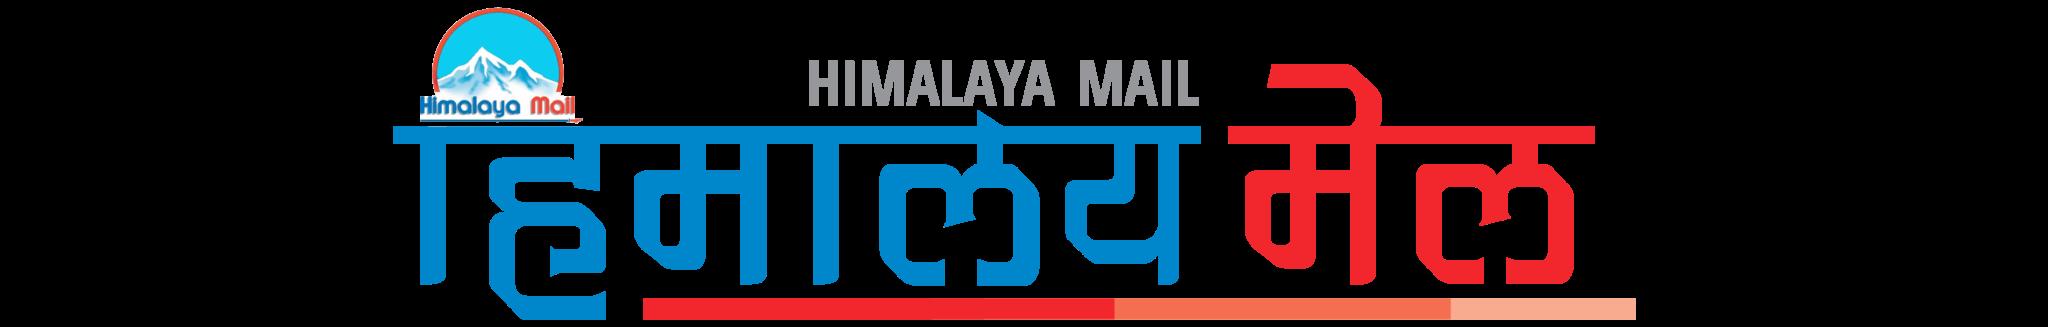 HimalayaMail.com